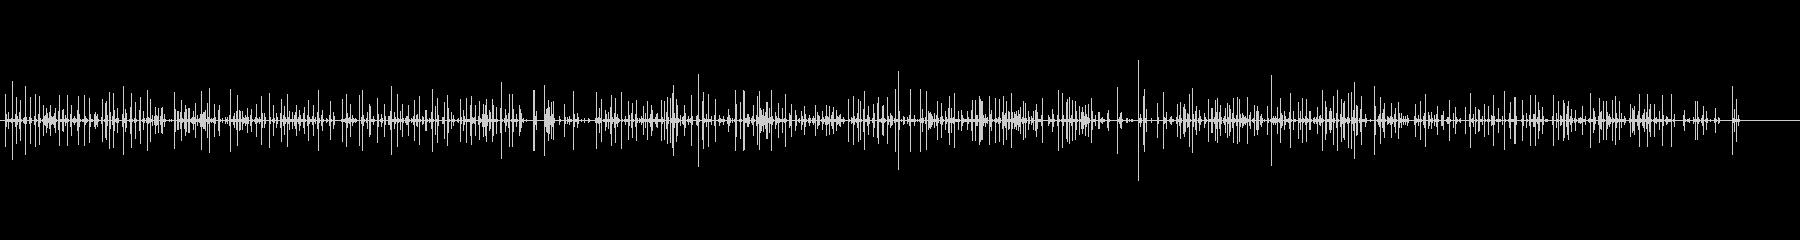 コンピューターのキーボード-入力-中の未再生の波形